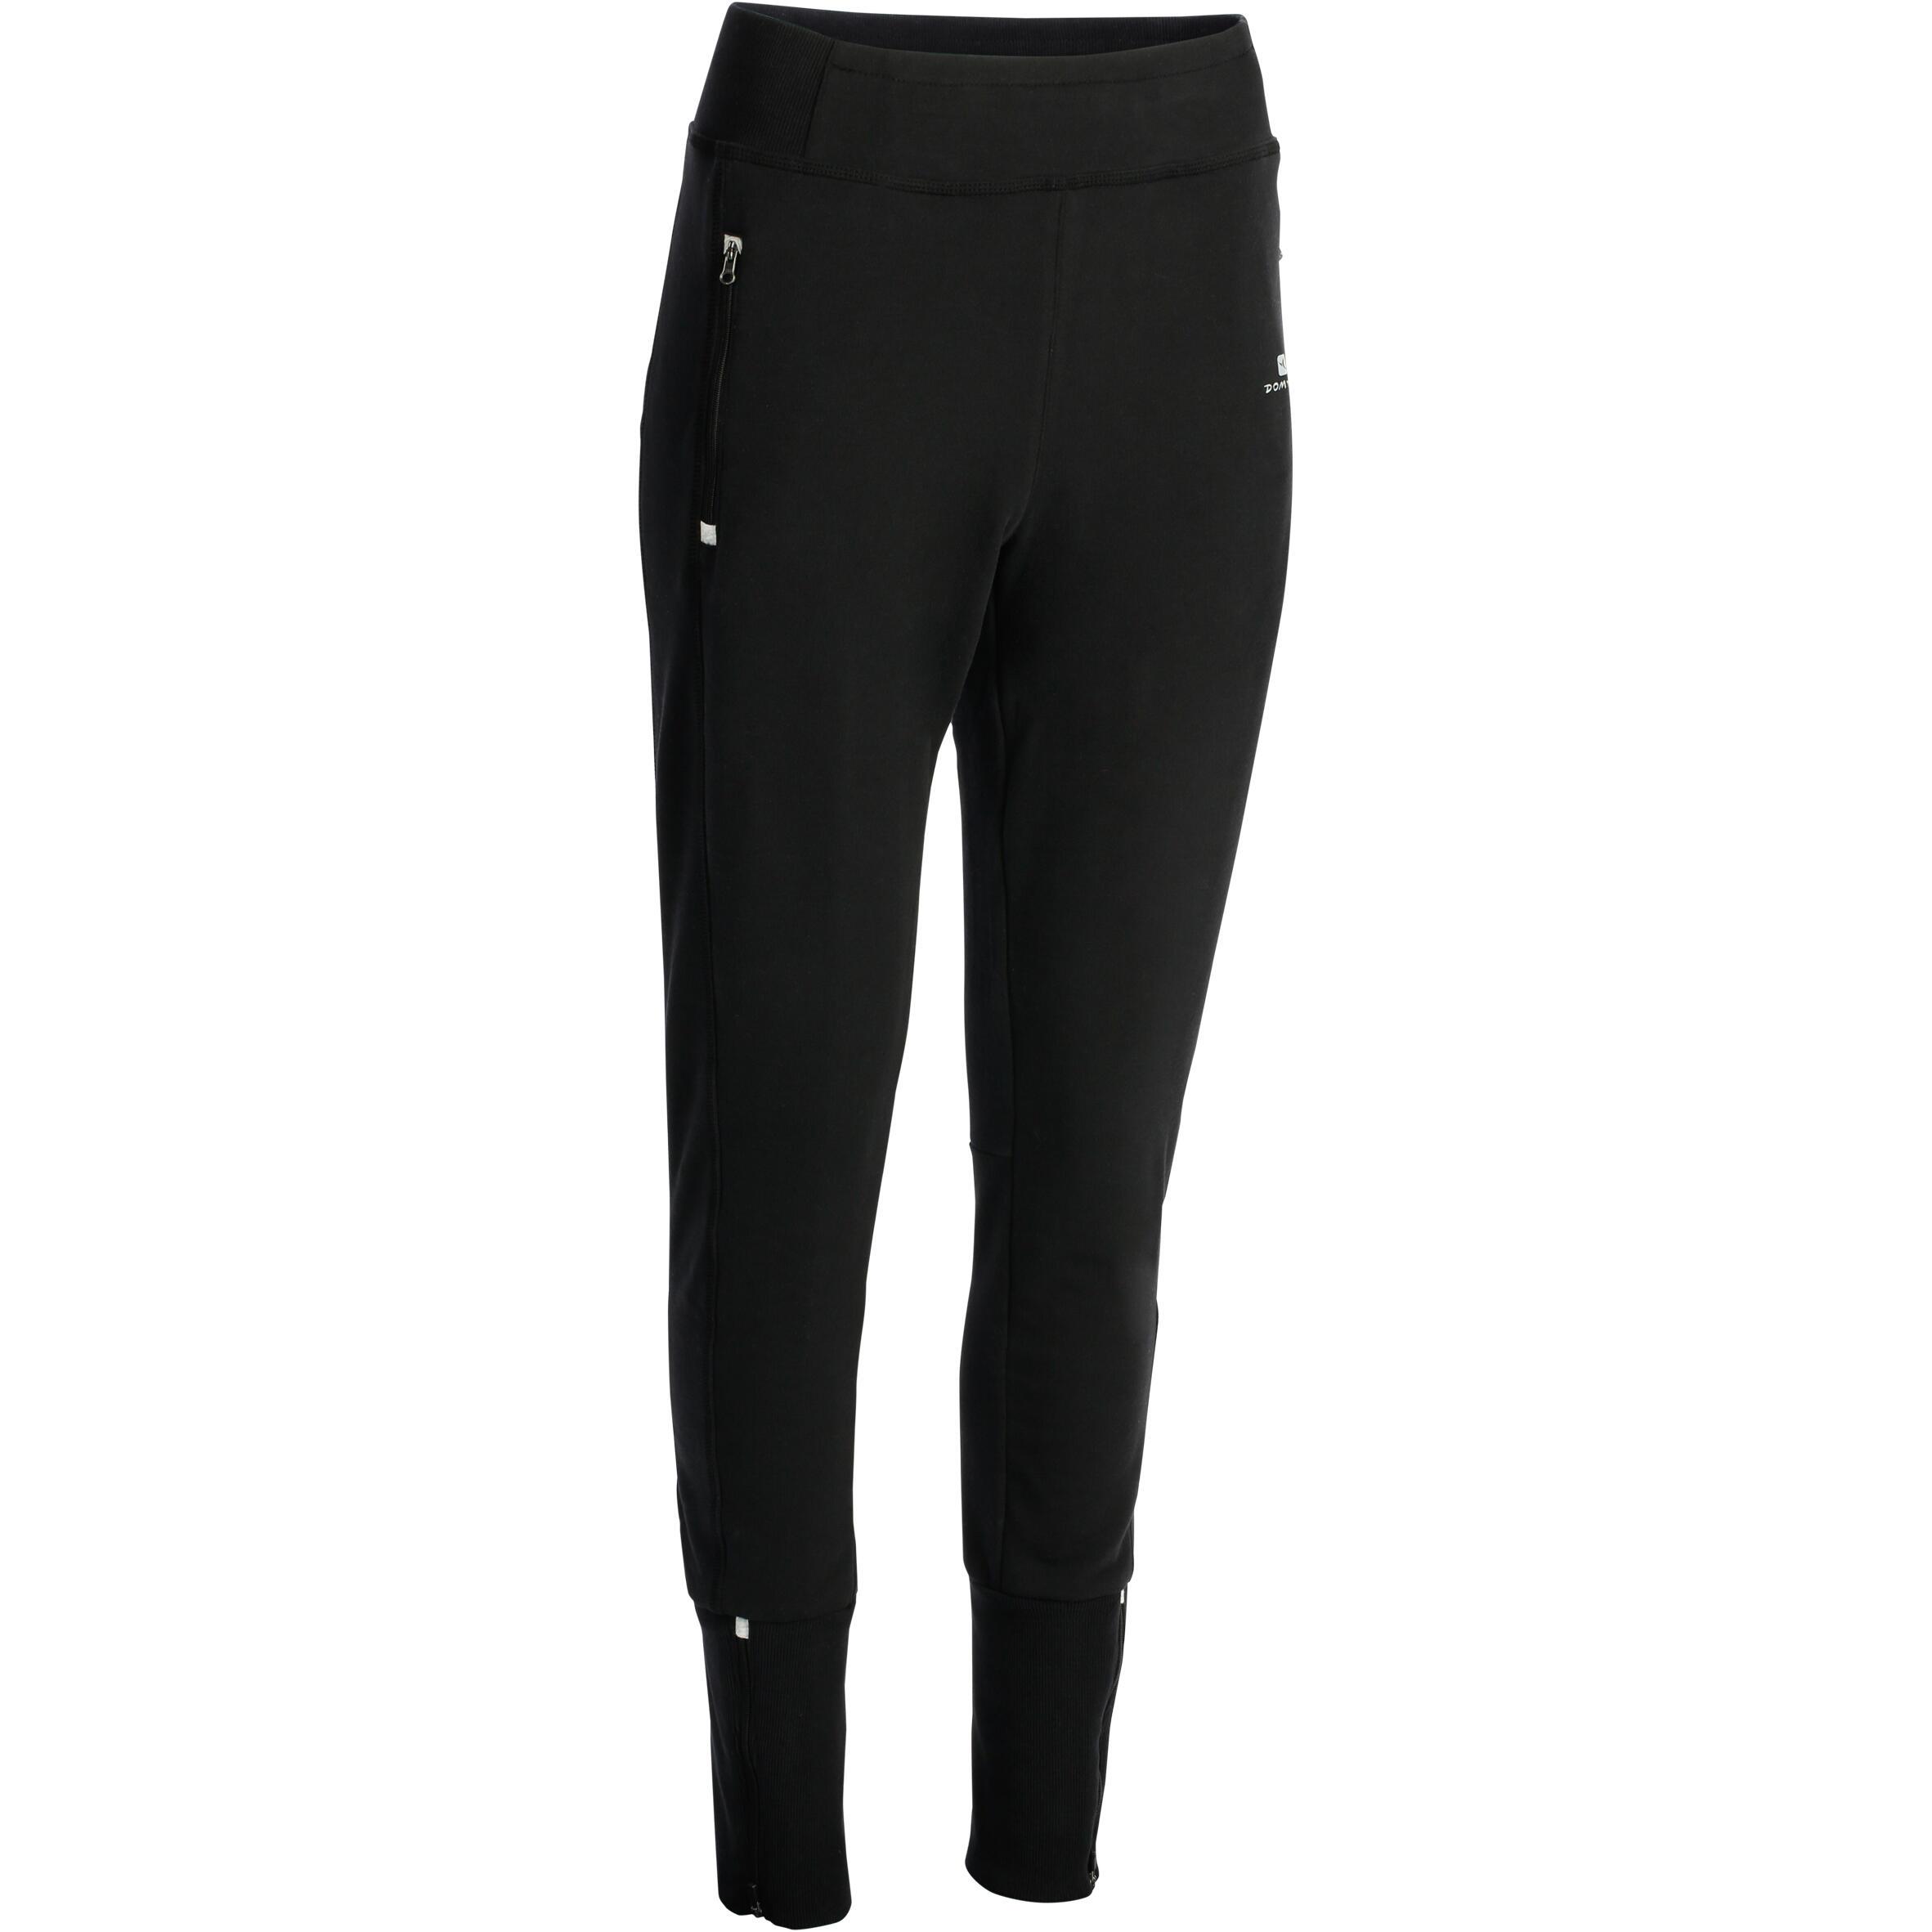 Pantalón de felpa bastillas con cierre dama fitness negro